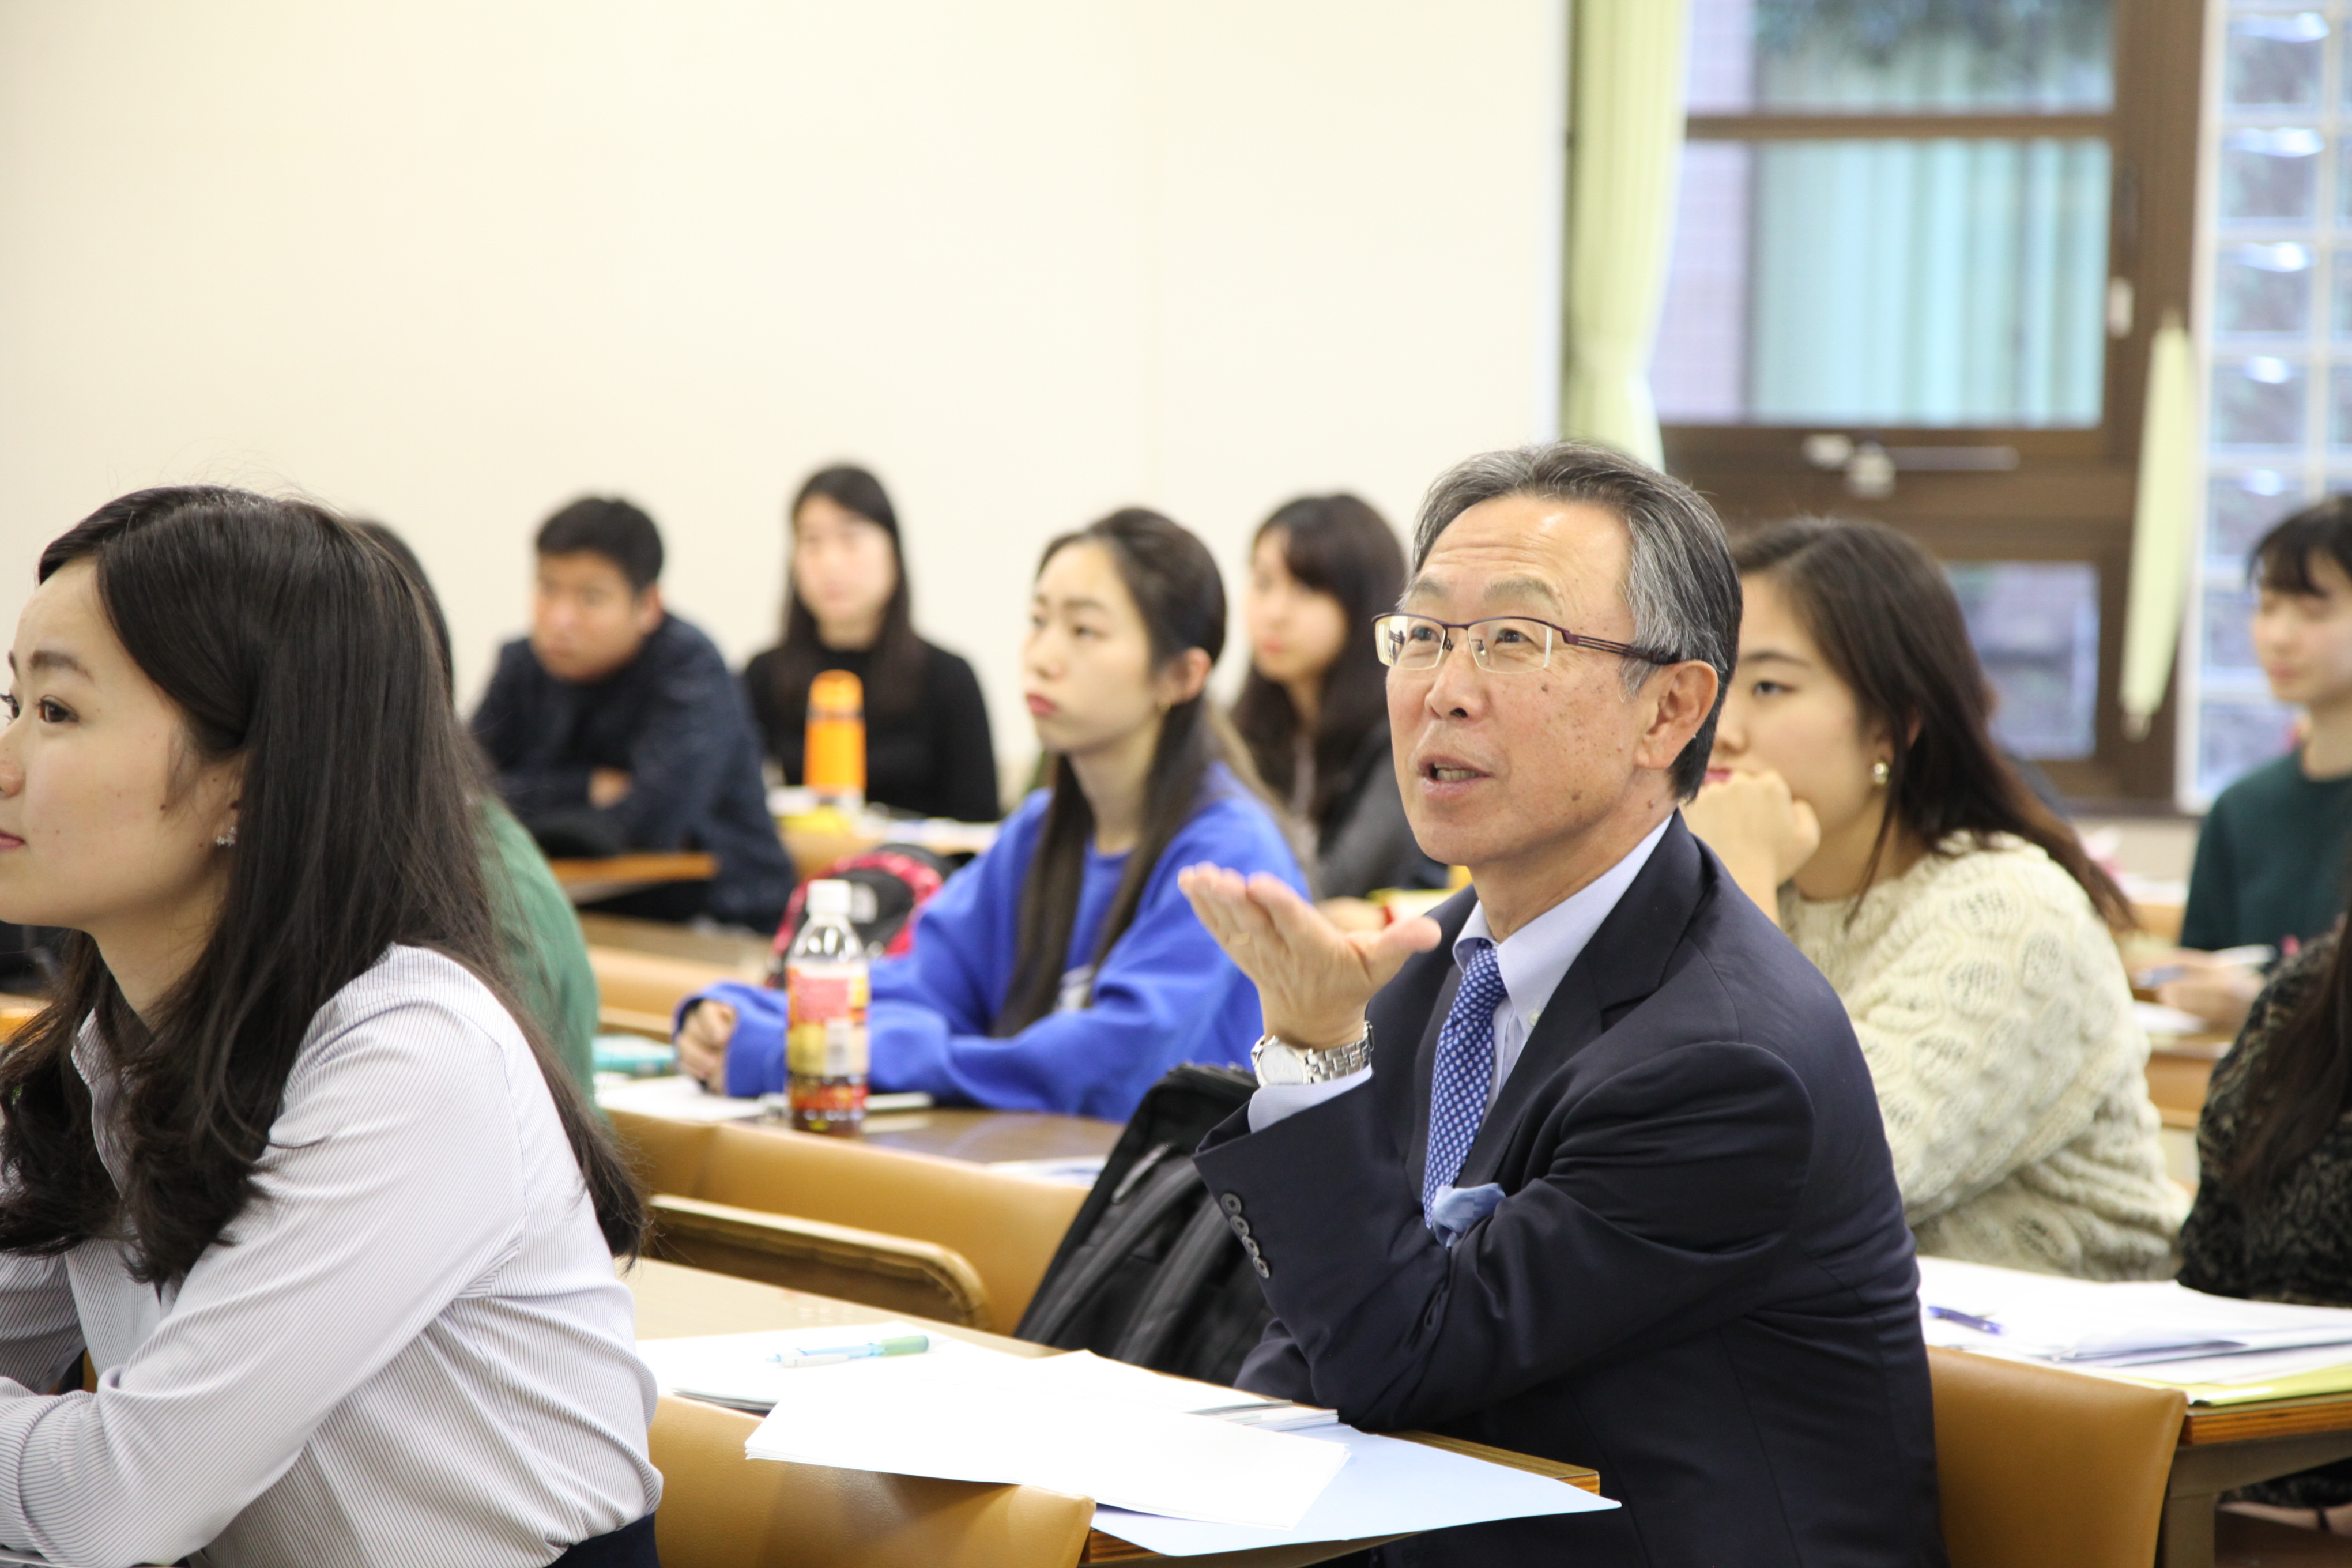 第9回グローバル・スタディーズにて吉川前国連大使による特別講義「国連総会を振り返って」が開催されました